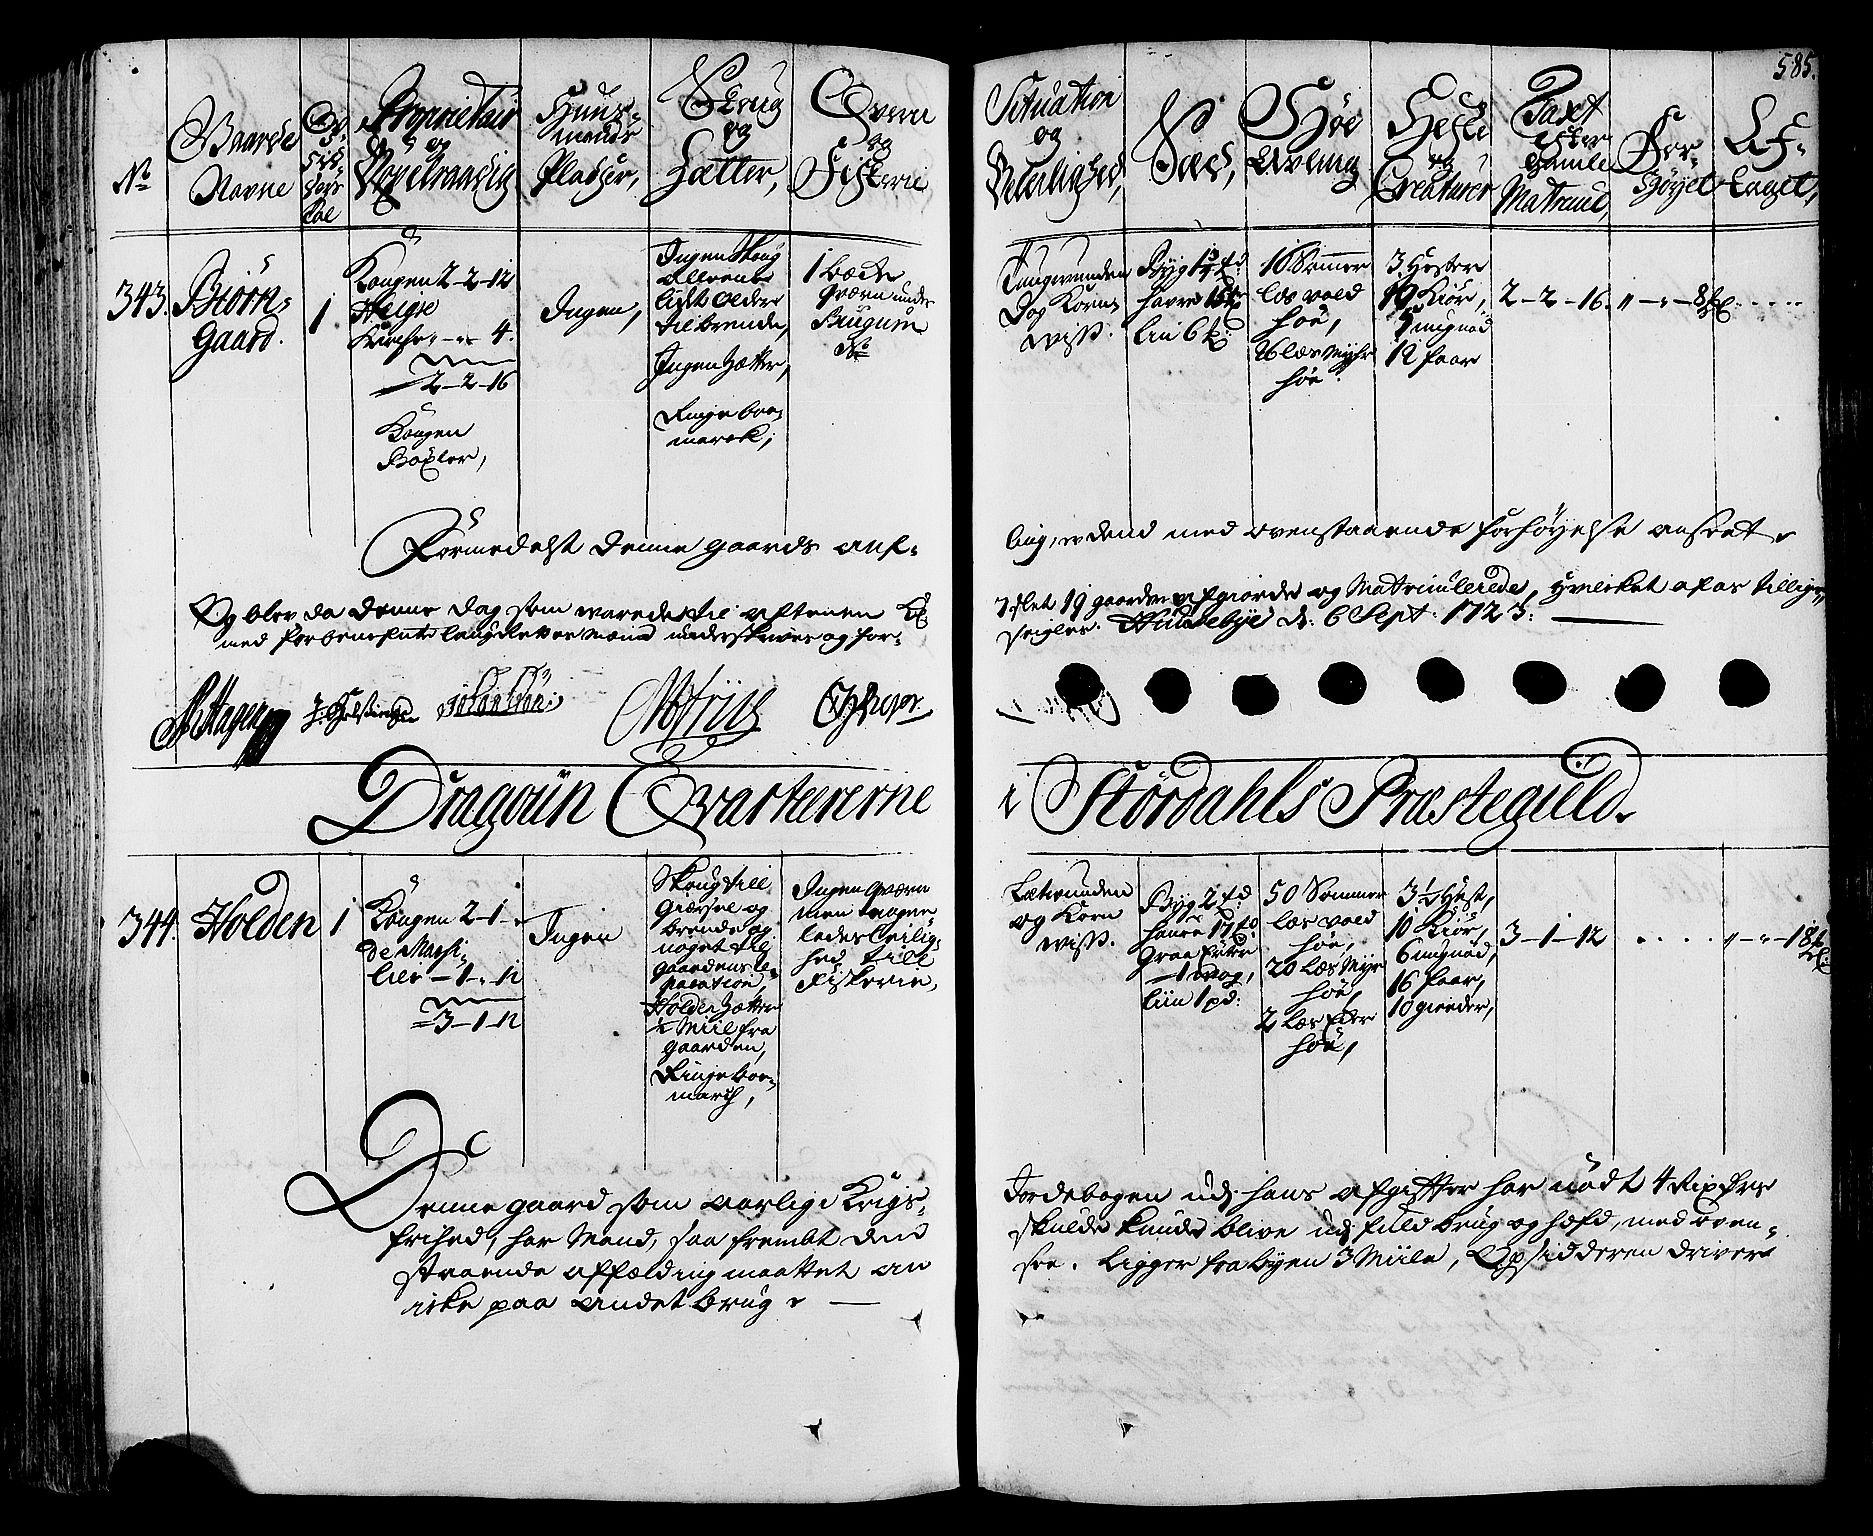 RA, Rentekammeret inntil 1814, Realistisk ordnet avdeling, N/Nb/Nbf/L0164: Stjørdal og Verdal eksaminasjonsprotokoll, 1723, s. 584b-585a